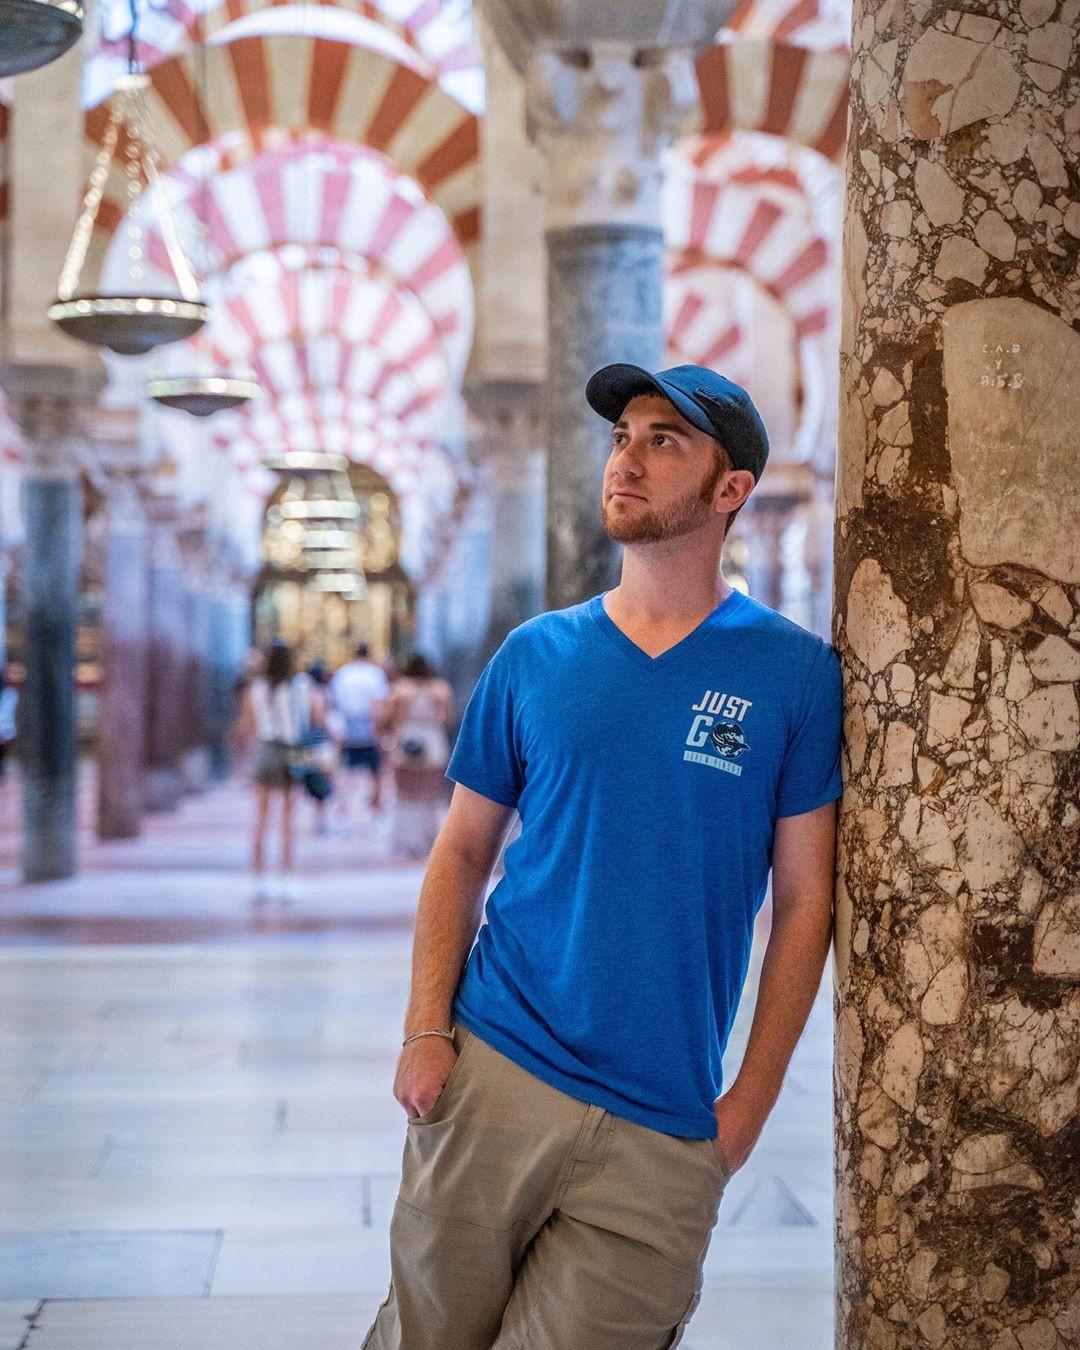 Travel blogger người Mỹ và bảng thành tích du lịch khủng: Đi 133 nước khi mới 26 tuổi, kiếm 25.000 USD mỗi tháng - Ảnh 3.